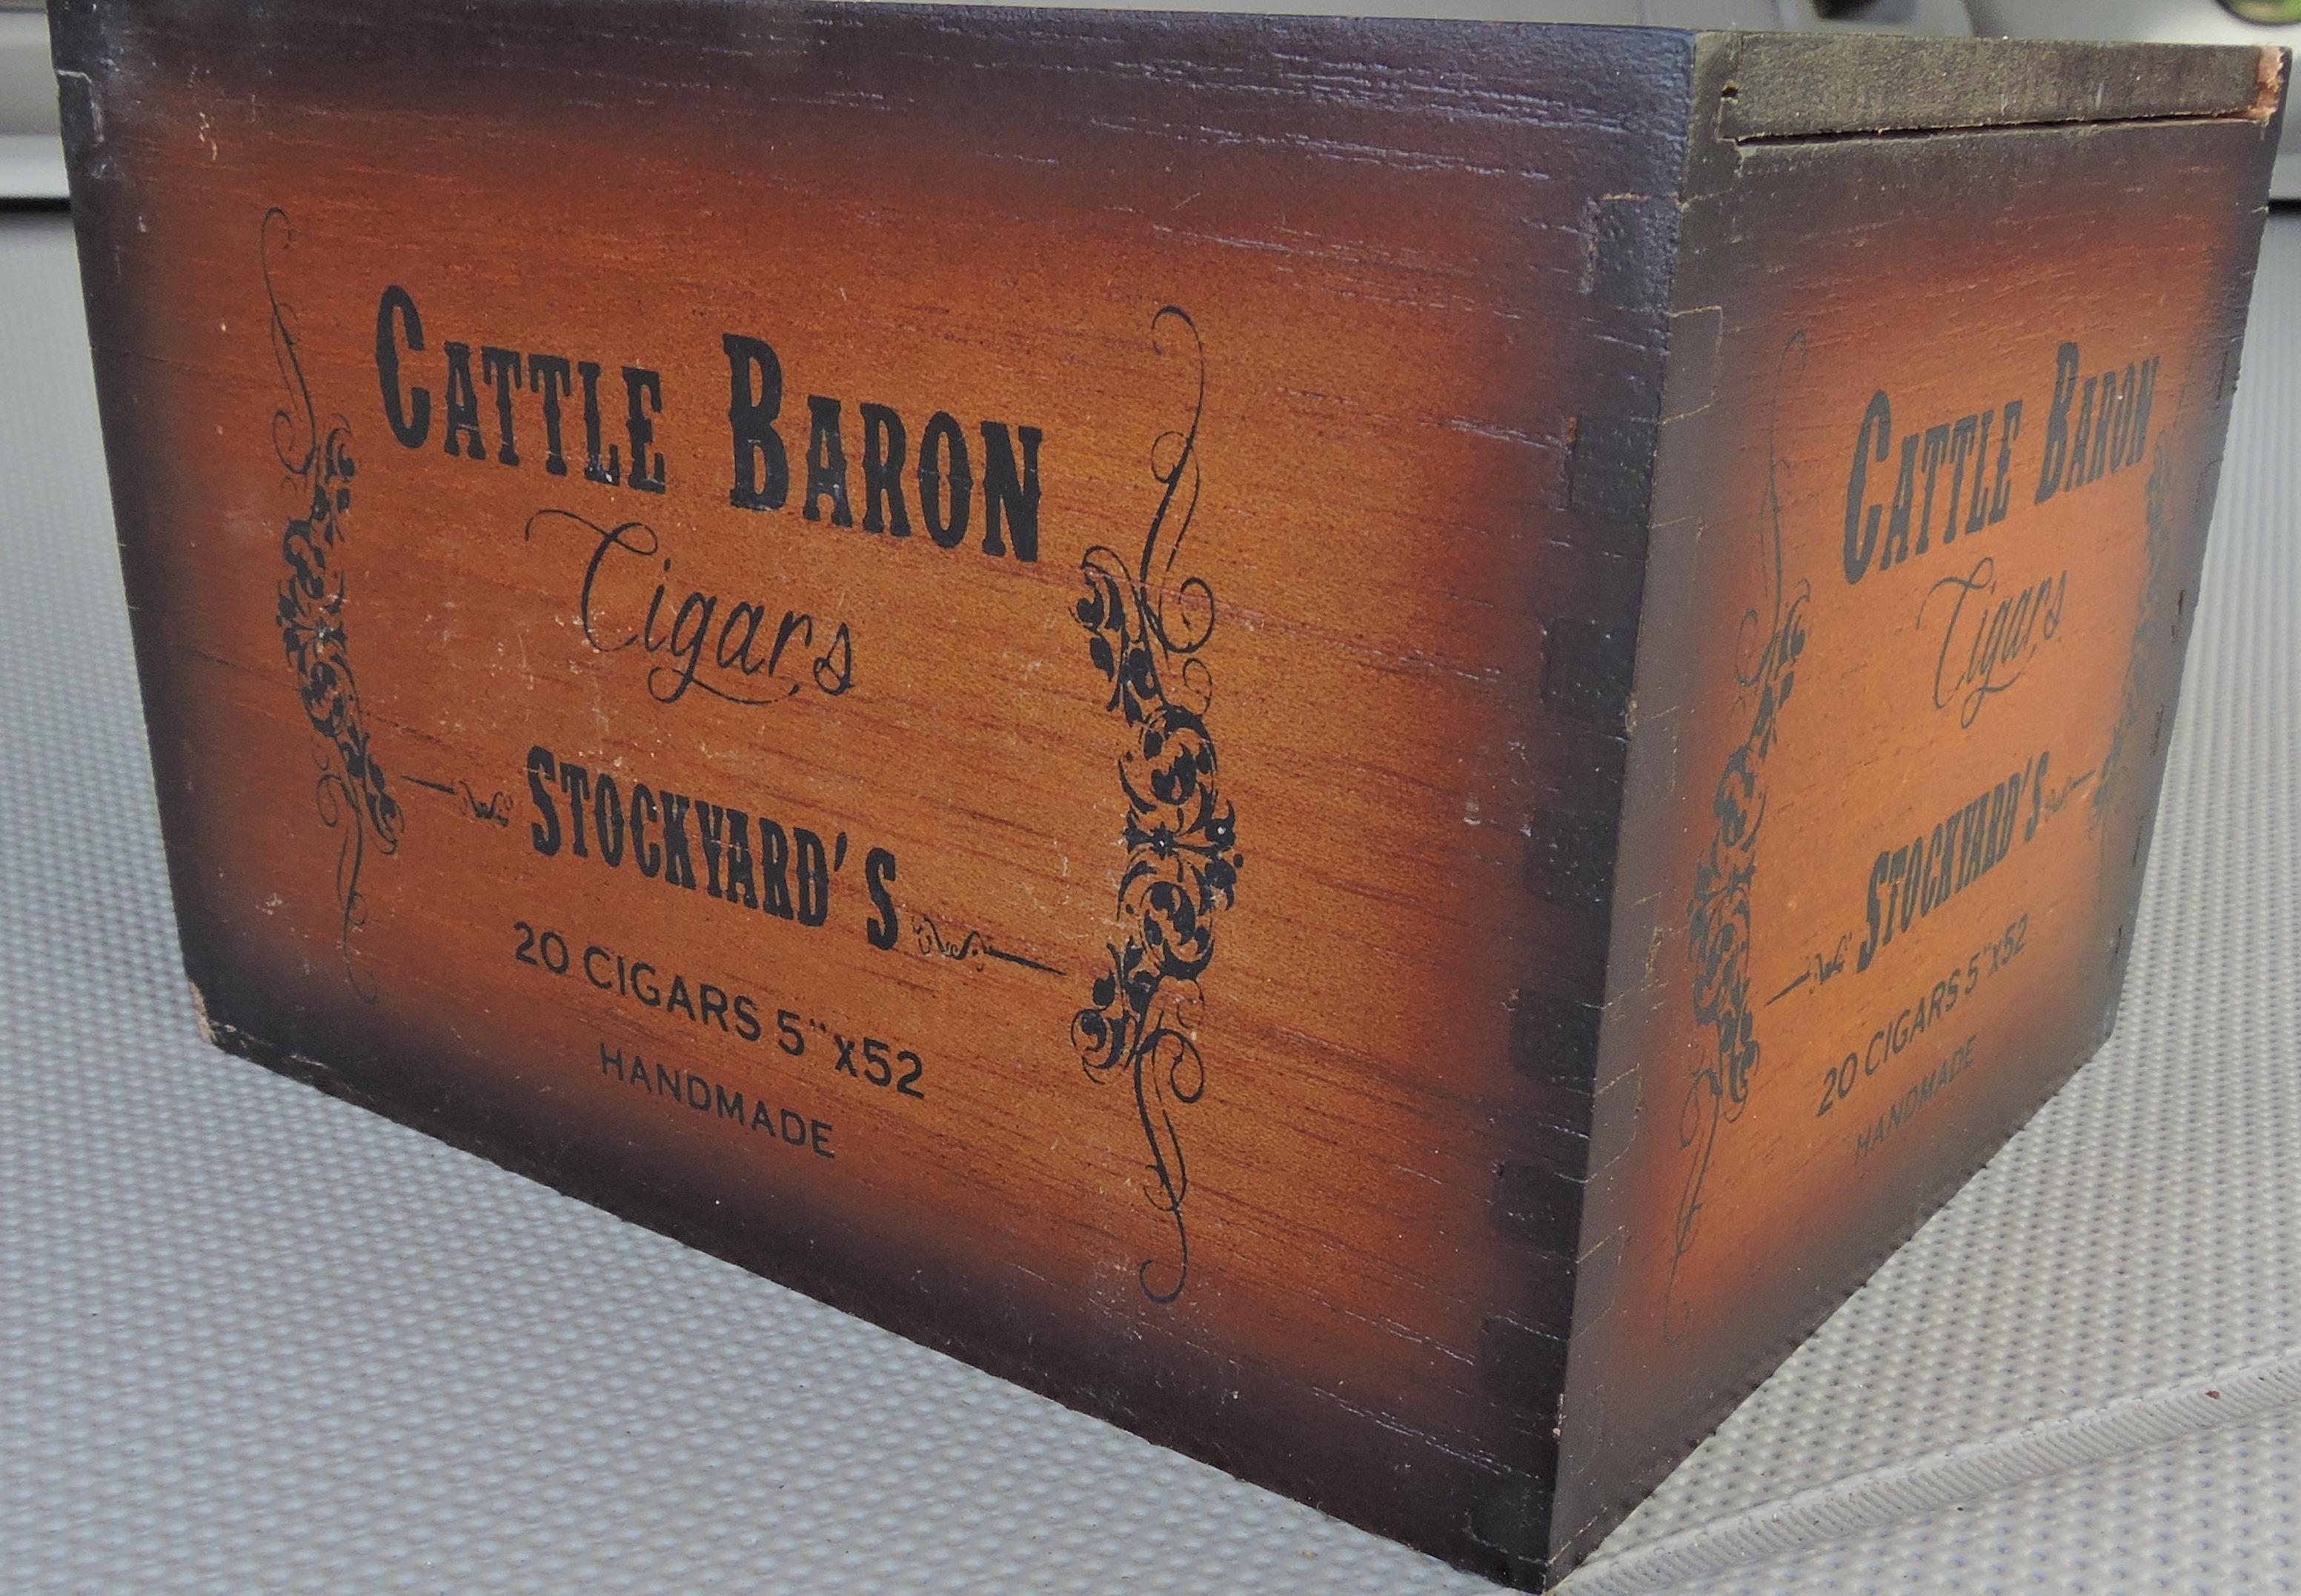 Cattle_Baron_Stockyard's_Box-2